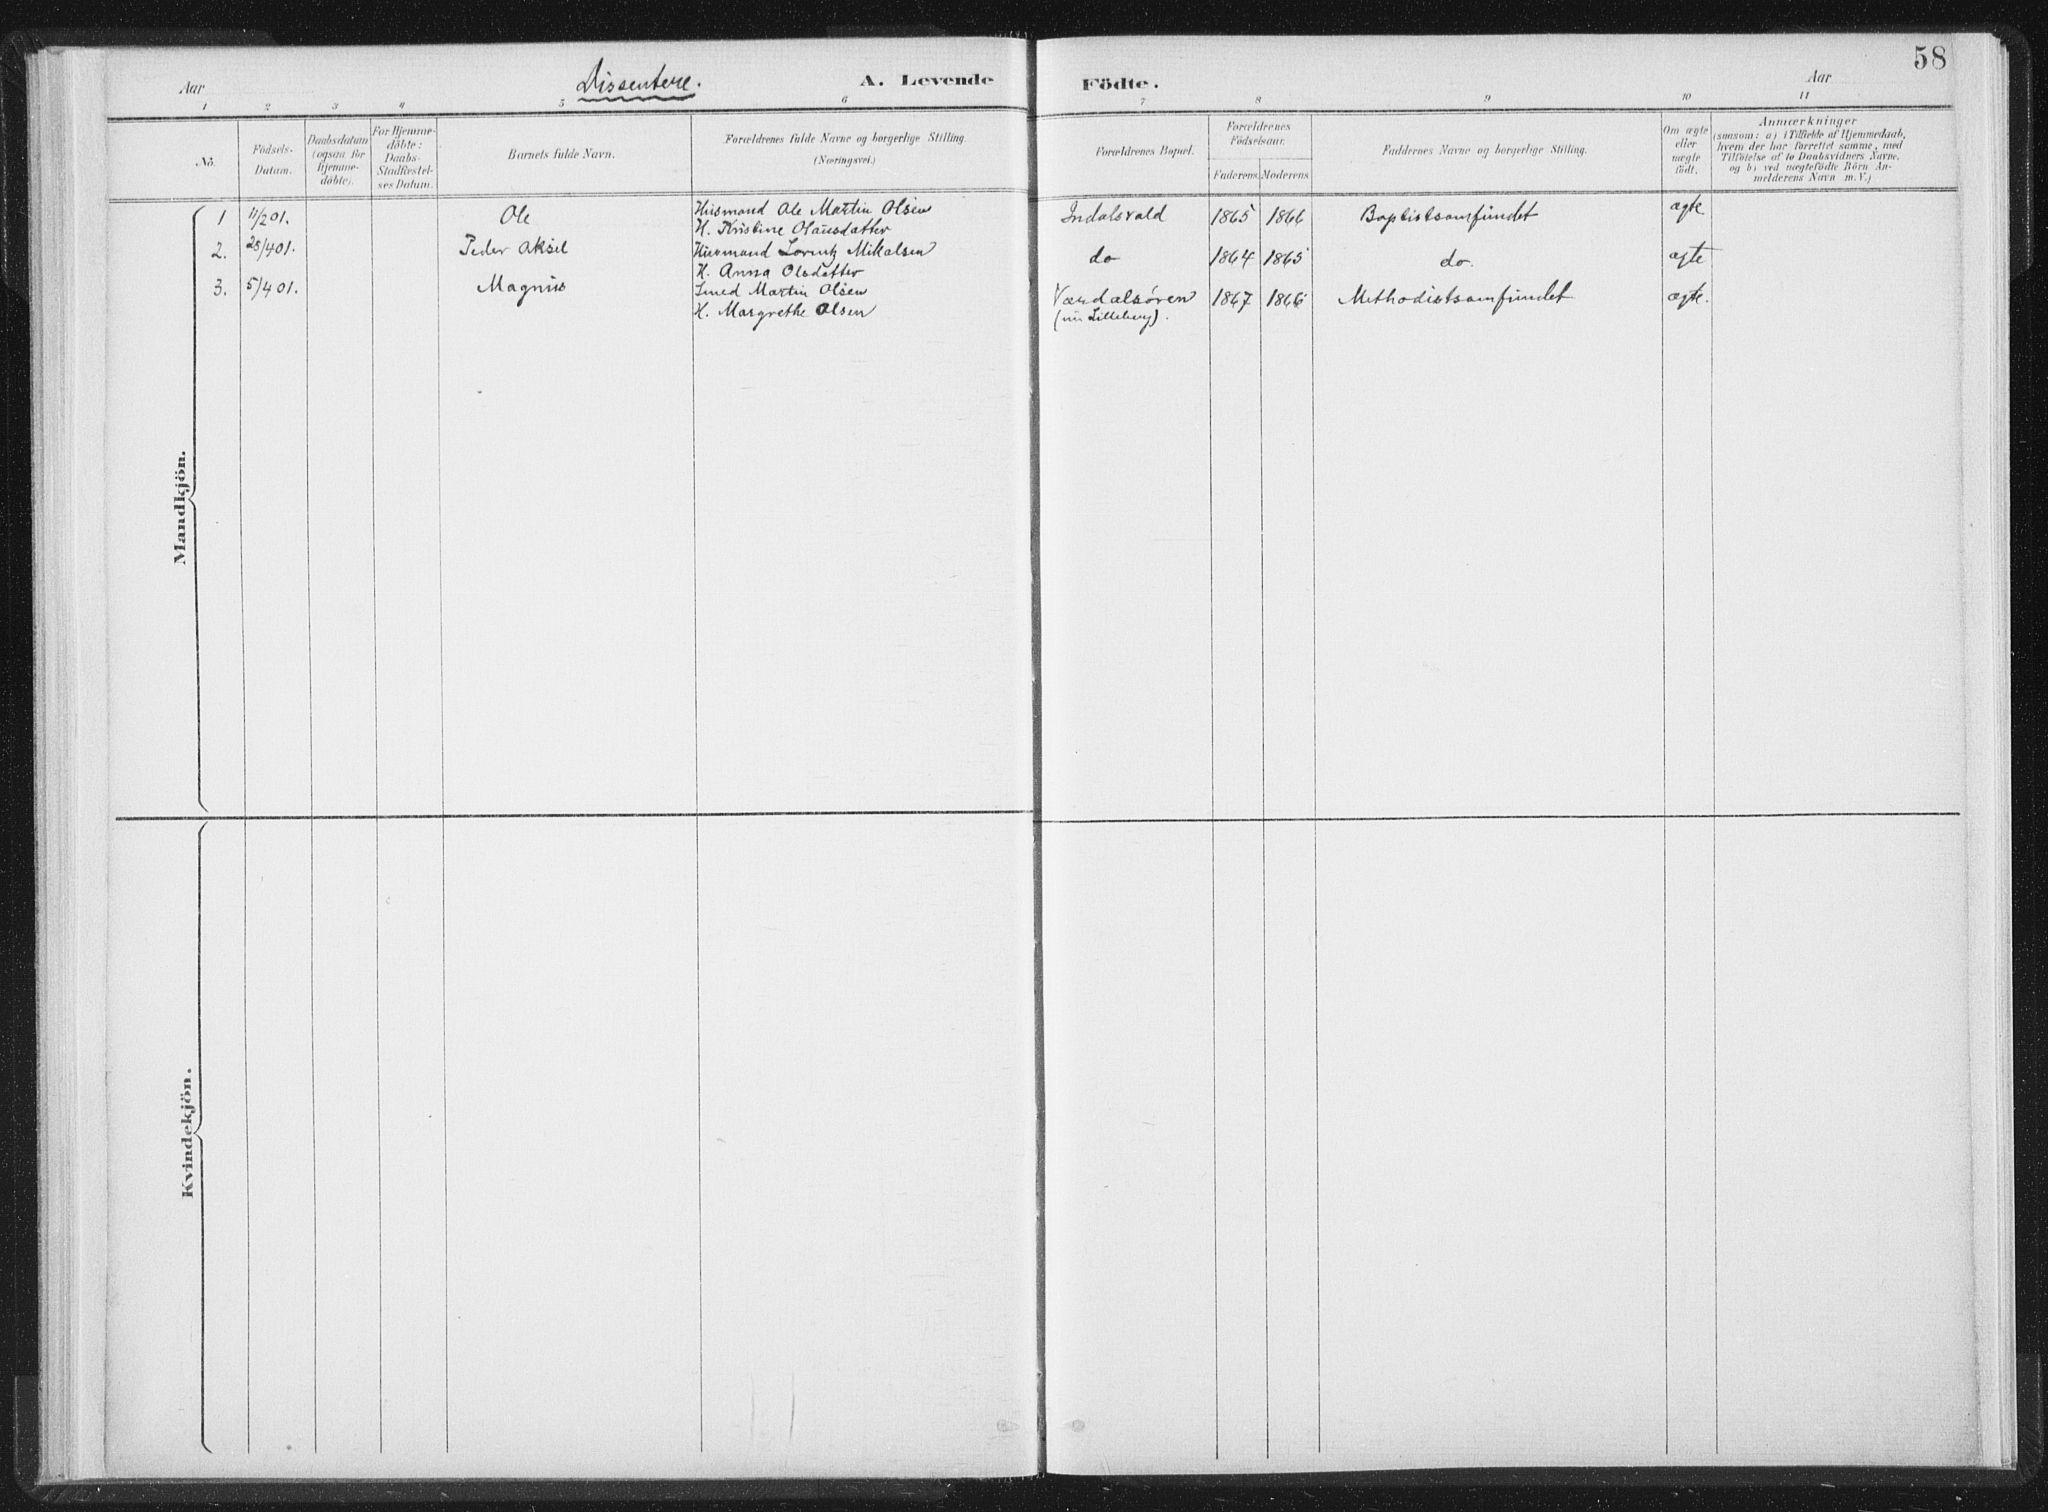 SAT, Ministerialprotokoller, klokkerbøker og fødselsregistre - Nord-Trøndelag, 724/L0263: Ministerialbok nr. 724A01, 1891-1907, s. 58